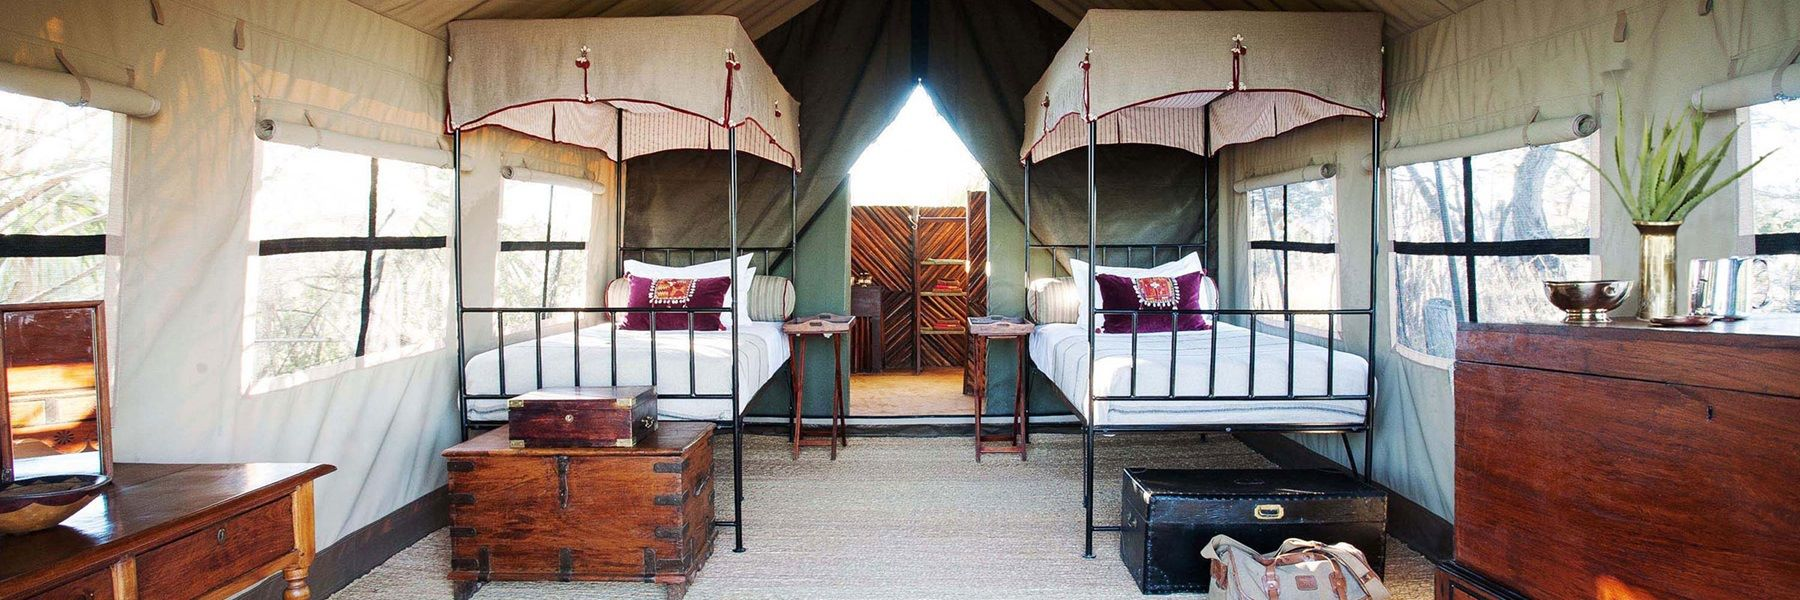 Camp_Kalahari_UA_BSC_03